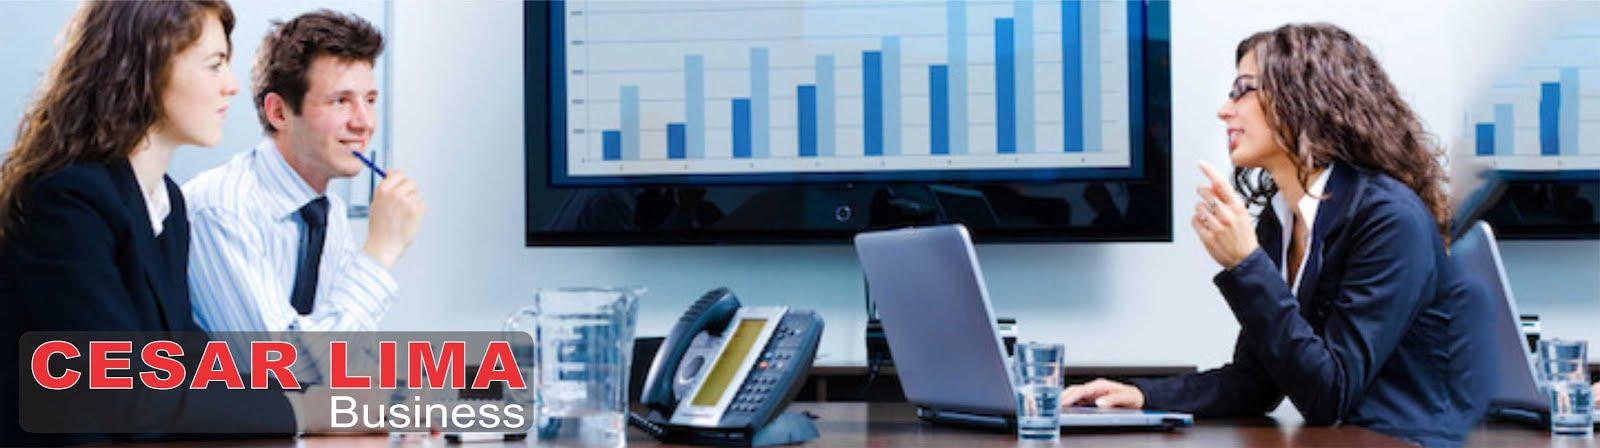 CESAR LIMA SHOW - Assessoria e Negócios